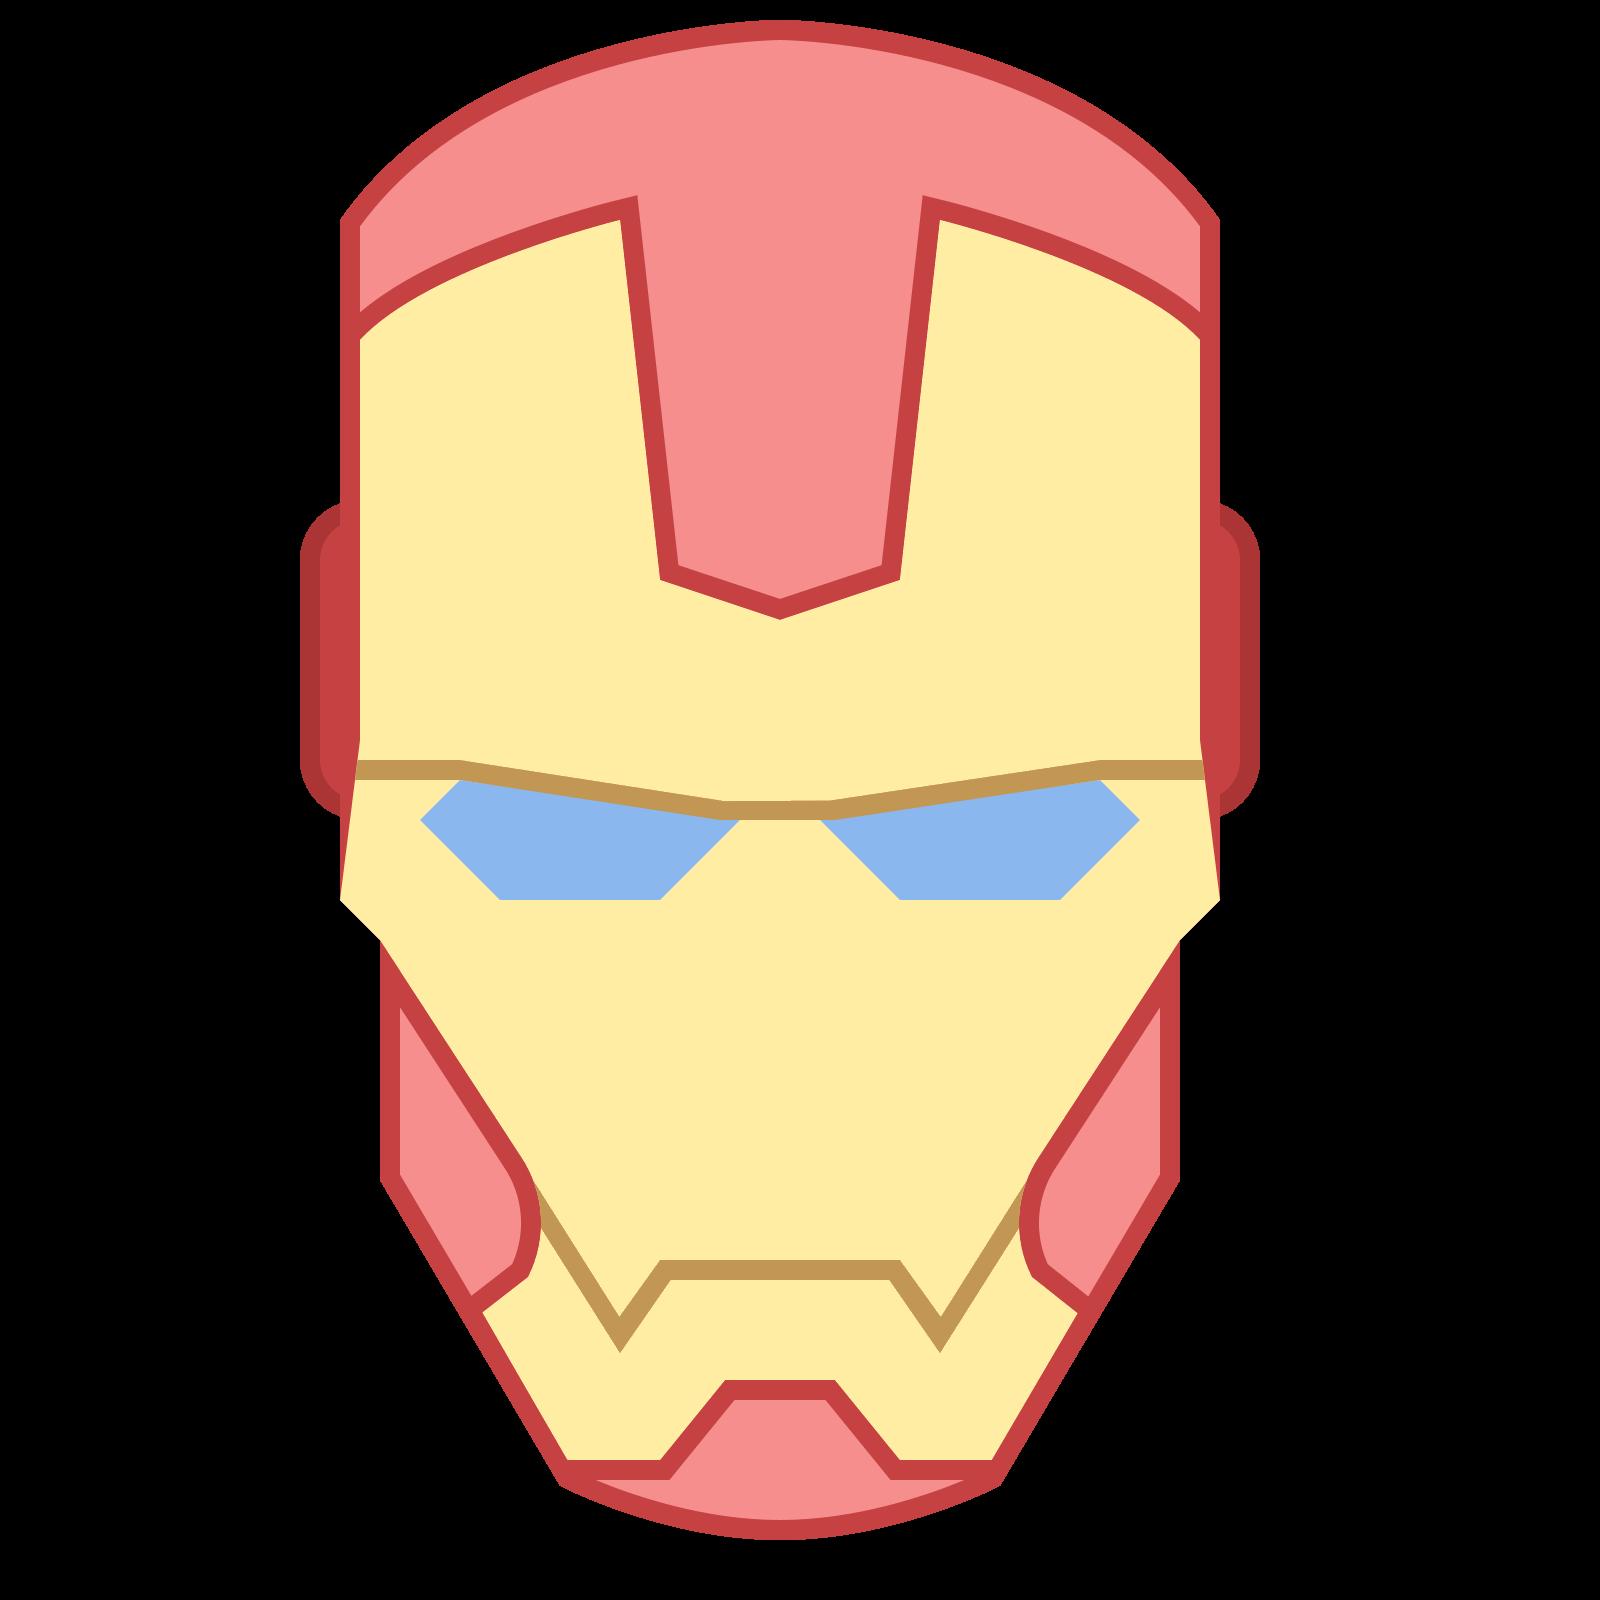 1600x1600 Iron Man War Machine Spider Man Computer Icons Clip Art